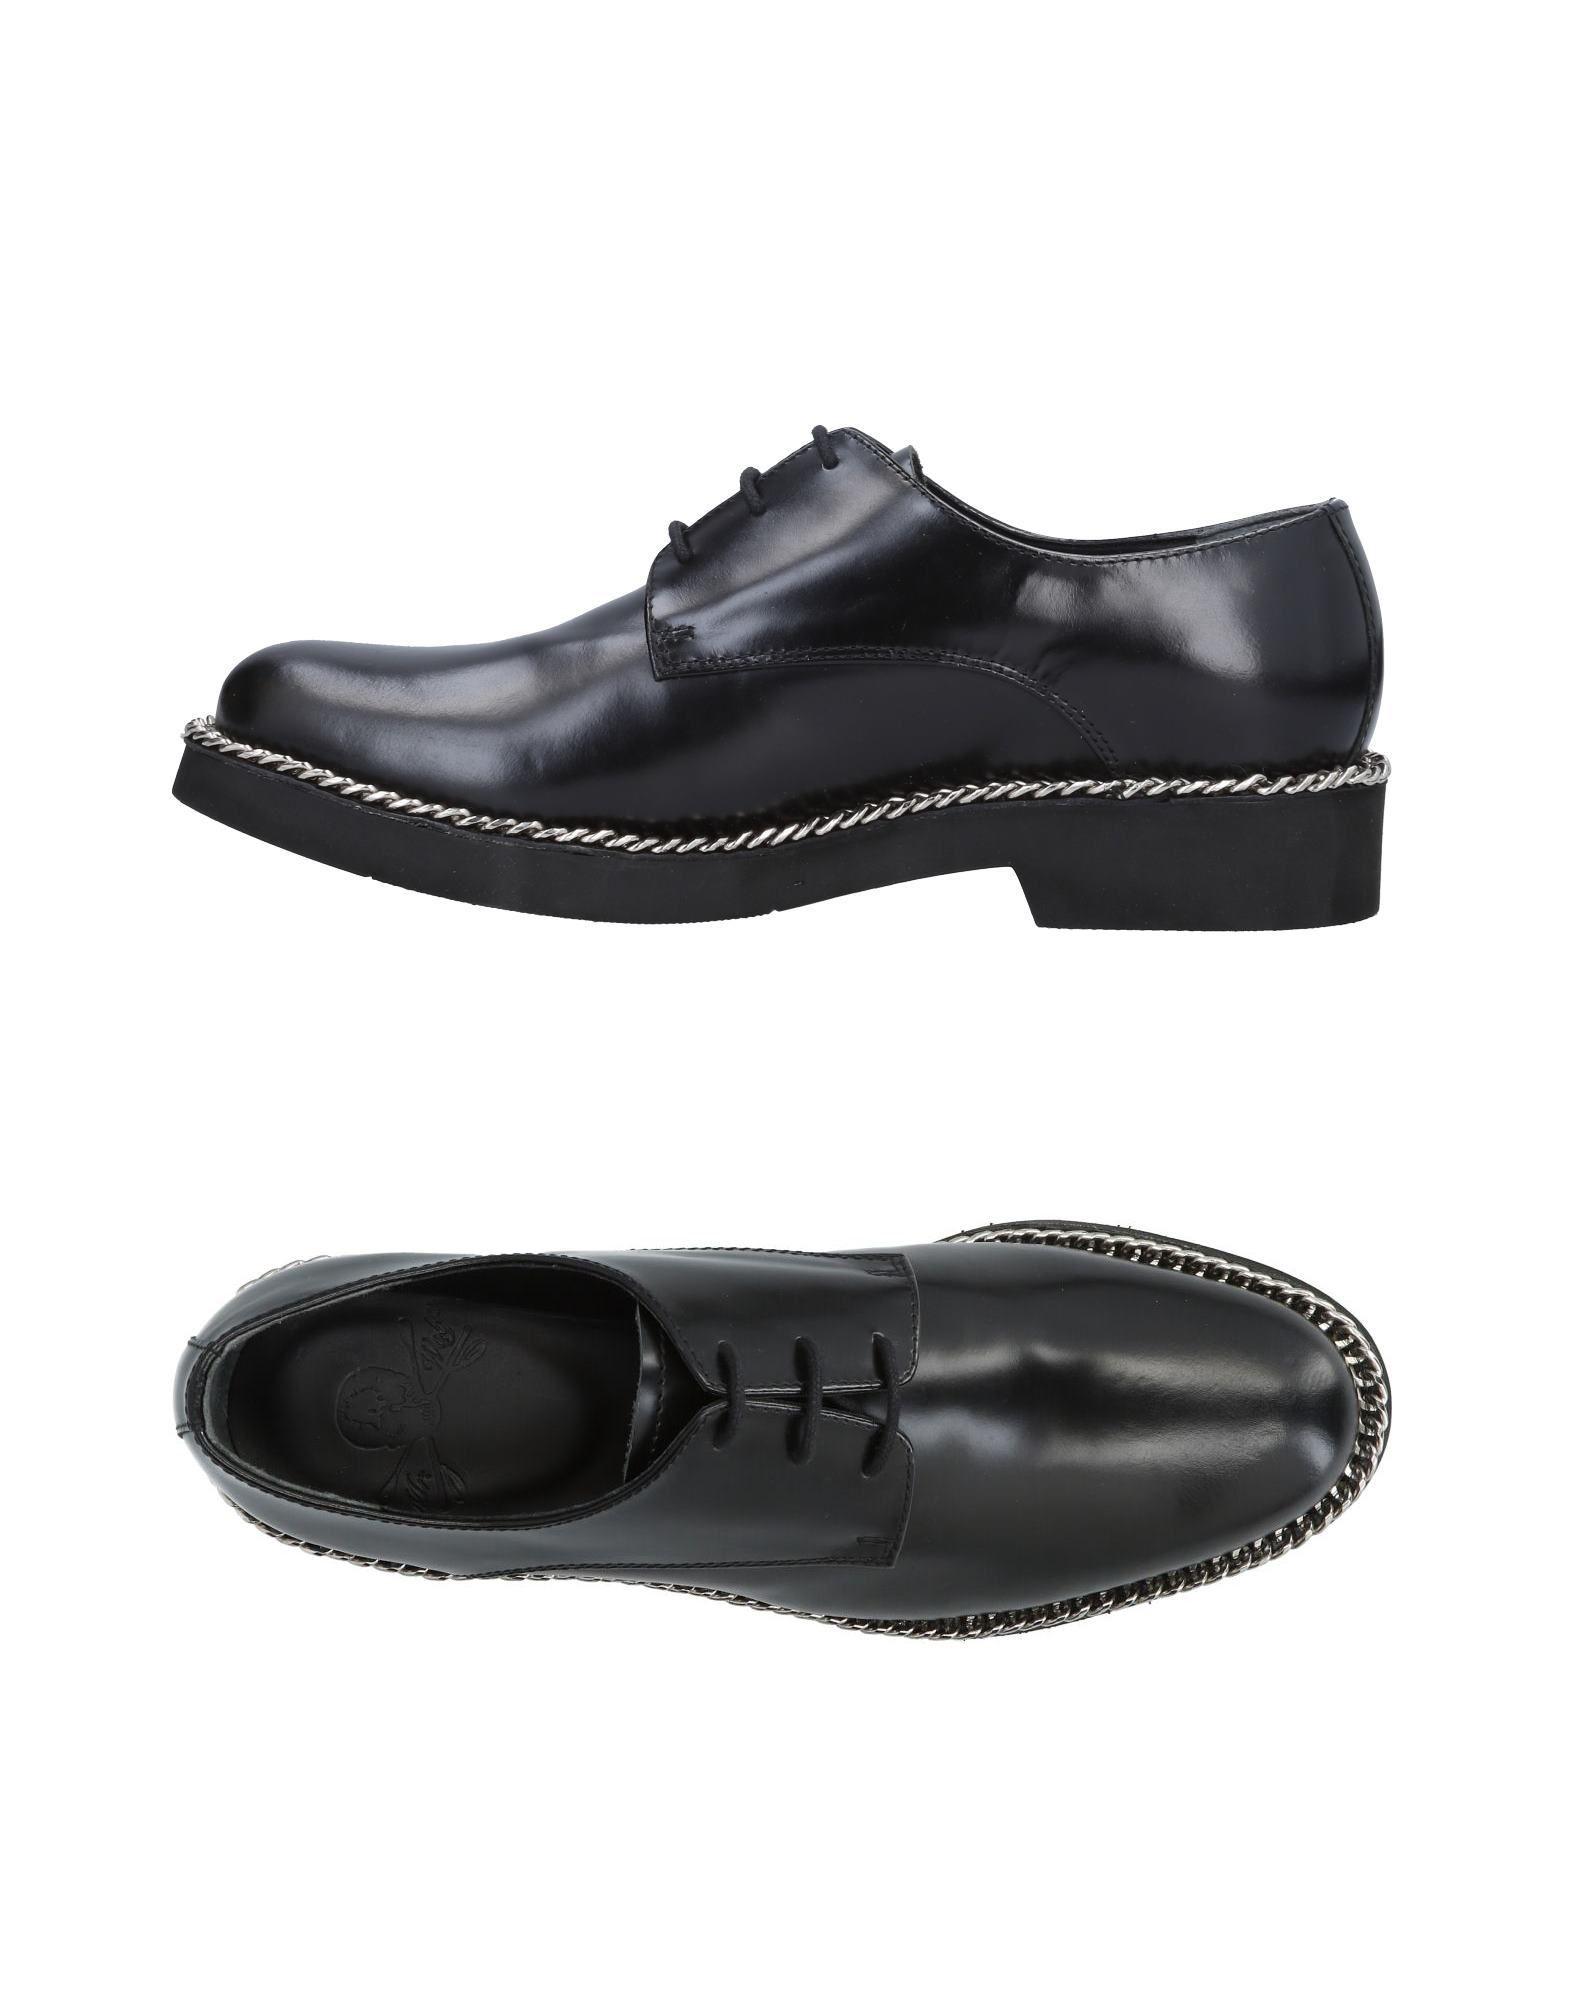 Mr. Wolf Schnürschuhe Damen  11495729PH Gute Qualität beliebte Schuhe